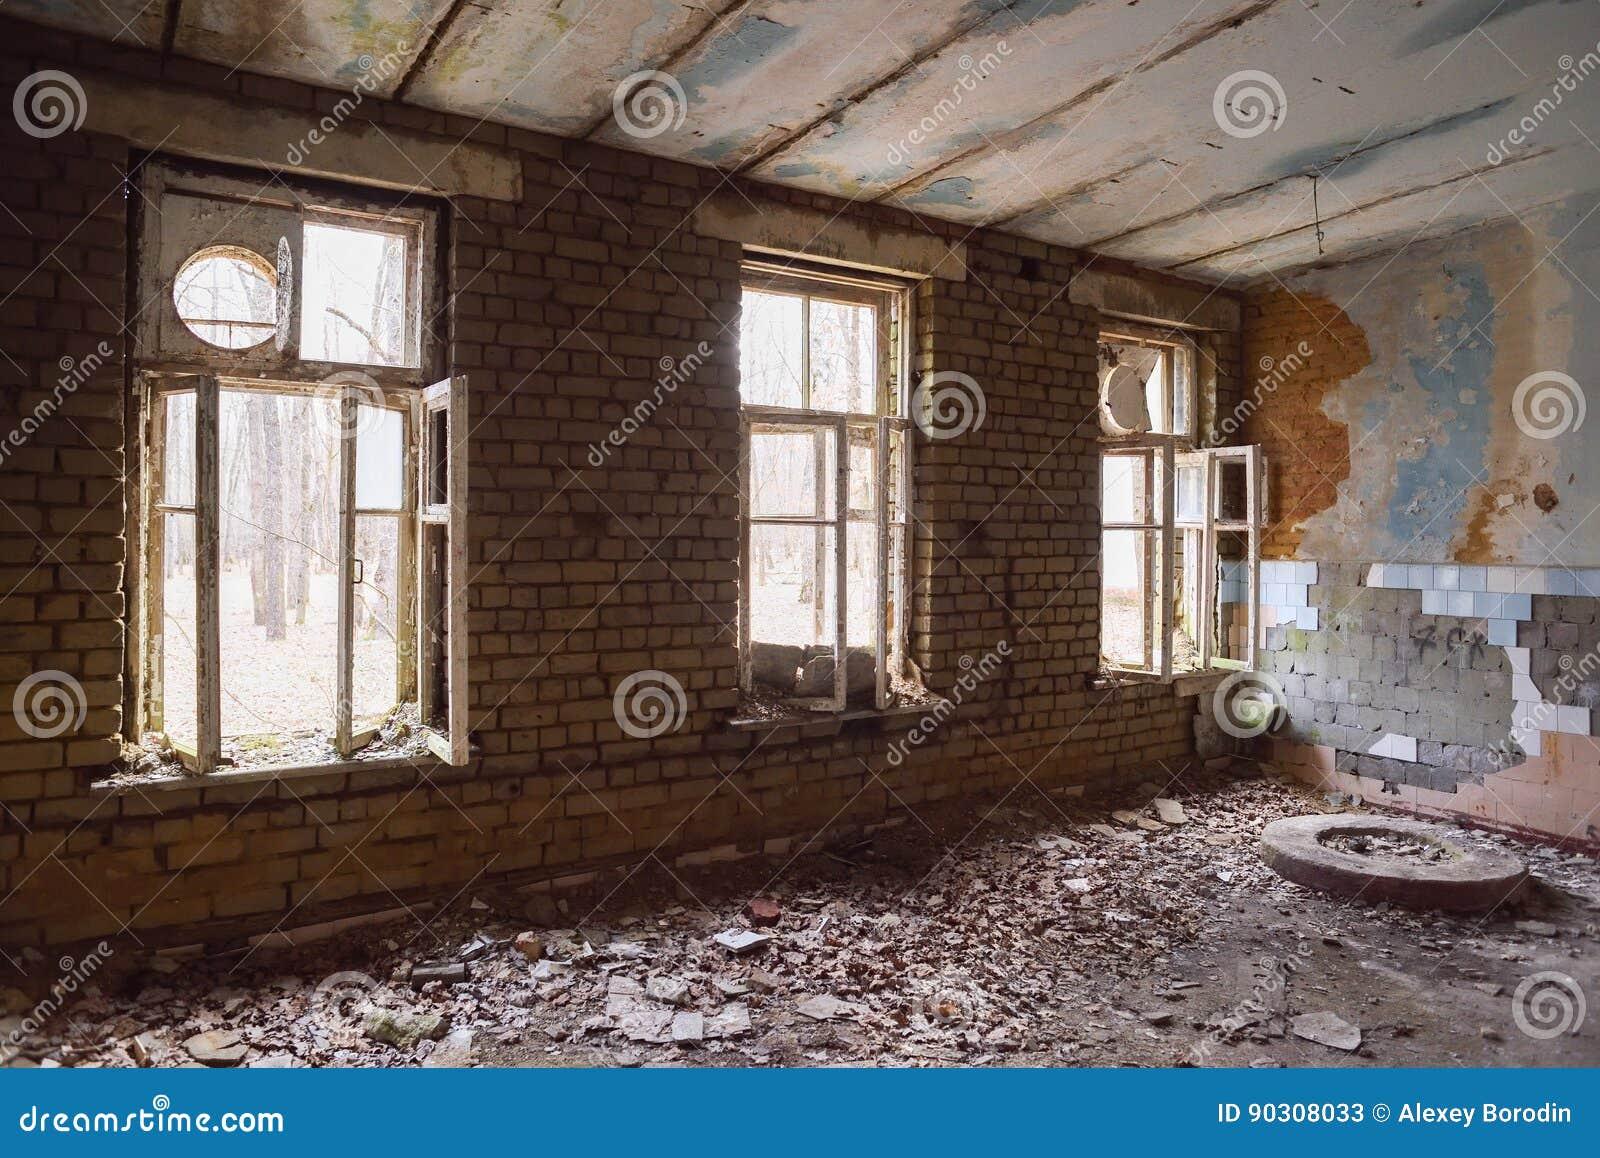 verlassene gro e halle mit gro en fenstern und r ckstand auf dem boden stockbild bild 90308033. Black Bedroom Furniture Sets. Home Design Ideas